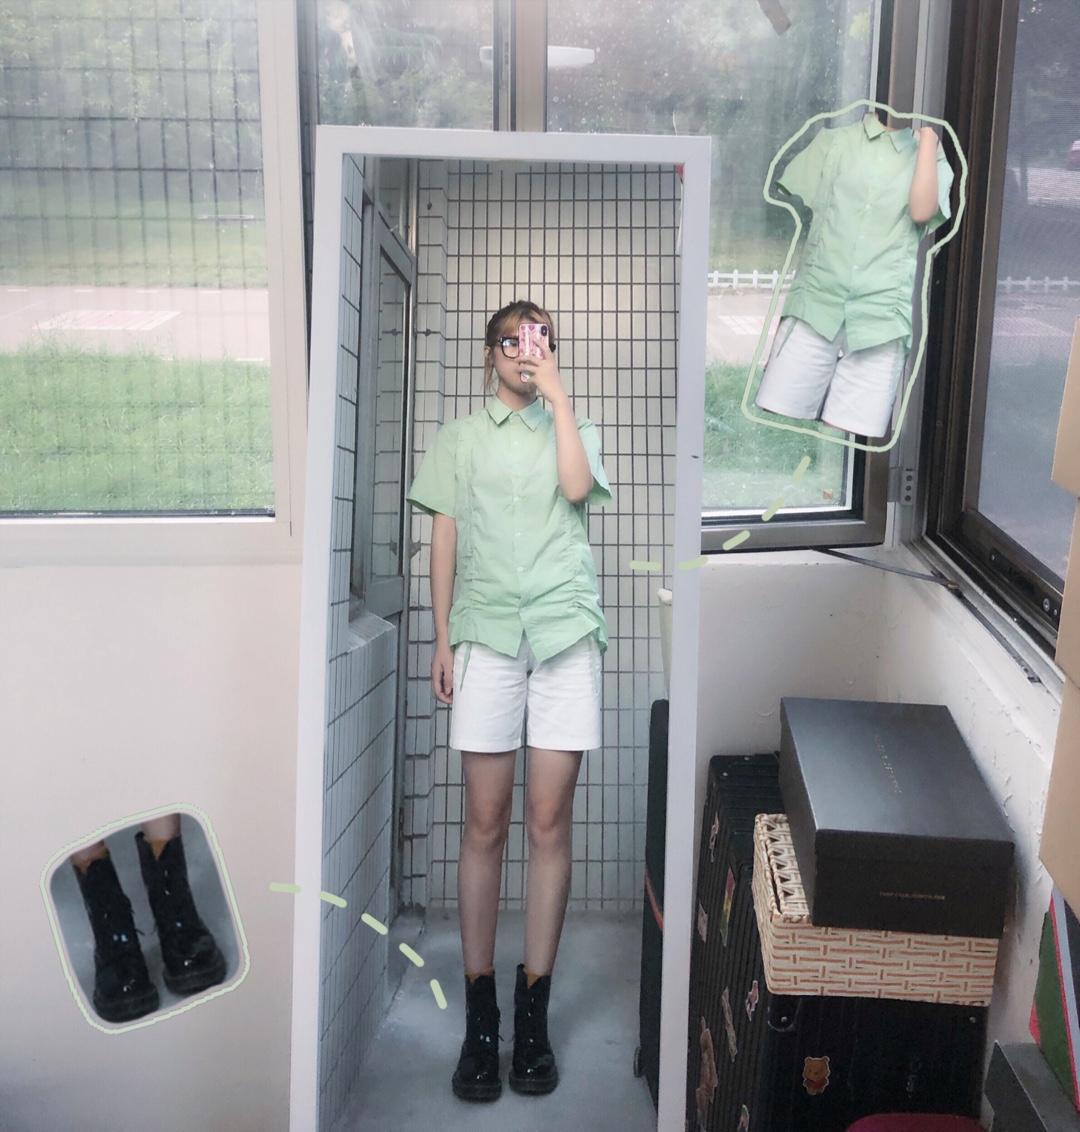 夏日果味女孩🥑🥑🥑 今年特别流行褶皱衬衫 这款浅绿色特别小清新 搭配马丁靴无敌显腿细哦#155女孩进,专属搭配教你!#